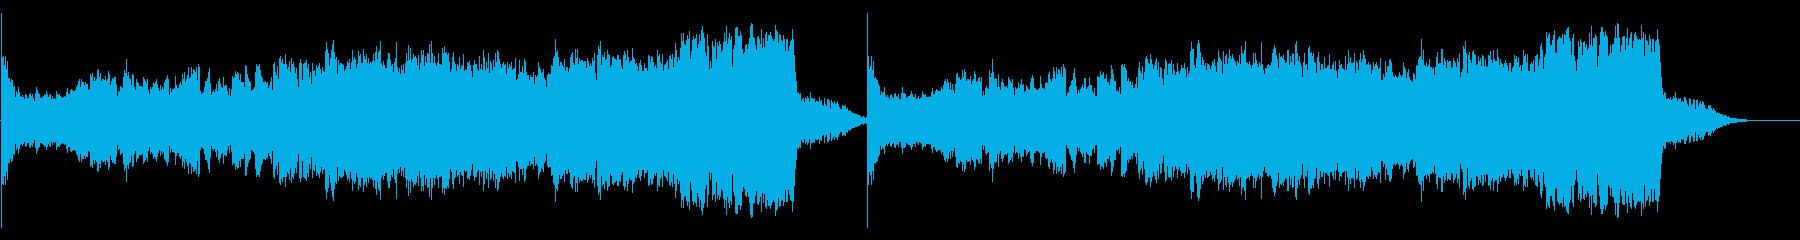 幻想的・神秘的でシリアスなオーケストラ曲の再生済みの波形